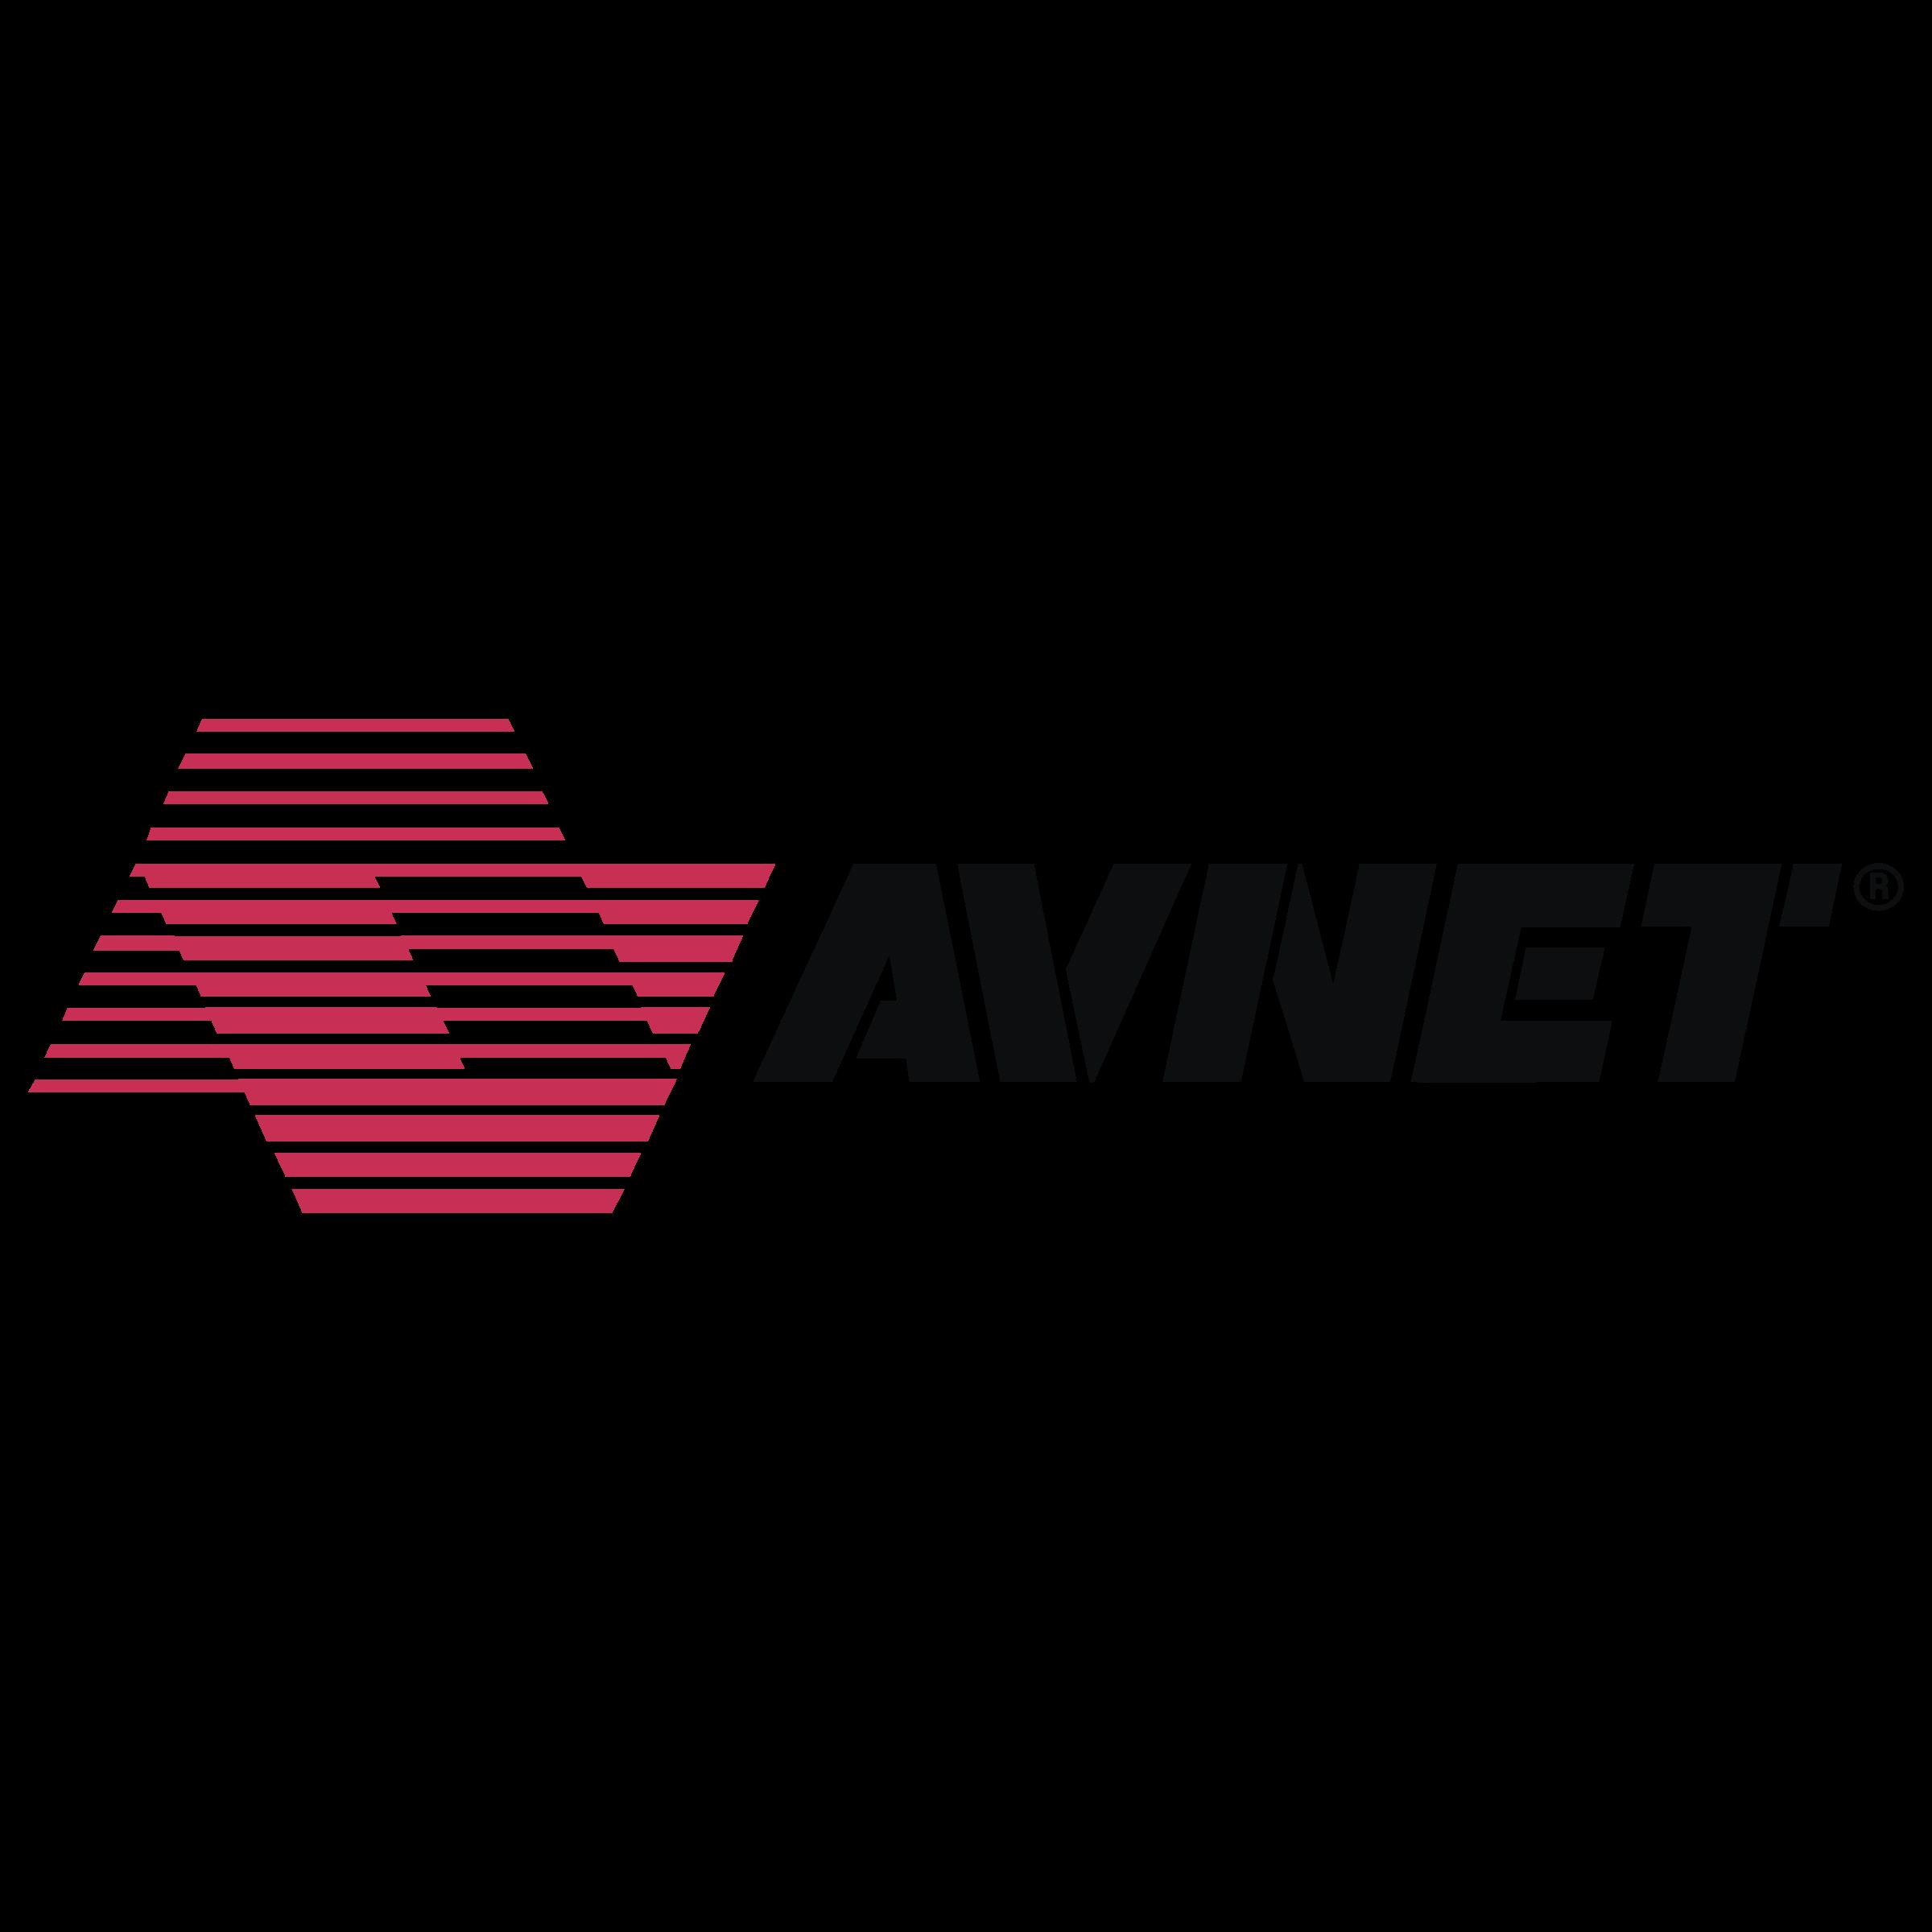 Avnet Logo PNG Transparent & SVG Vector.